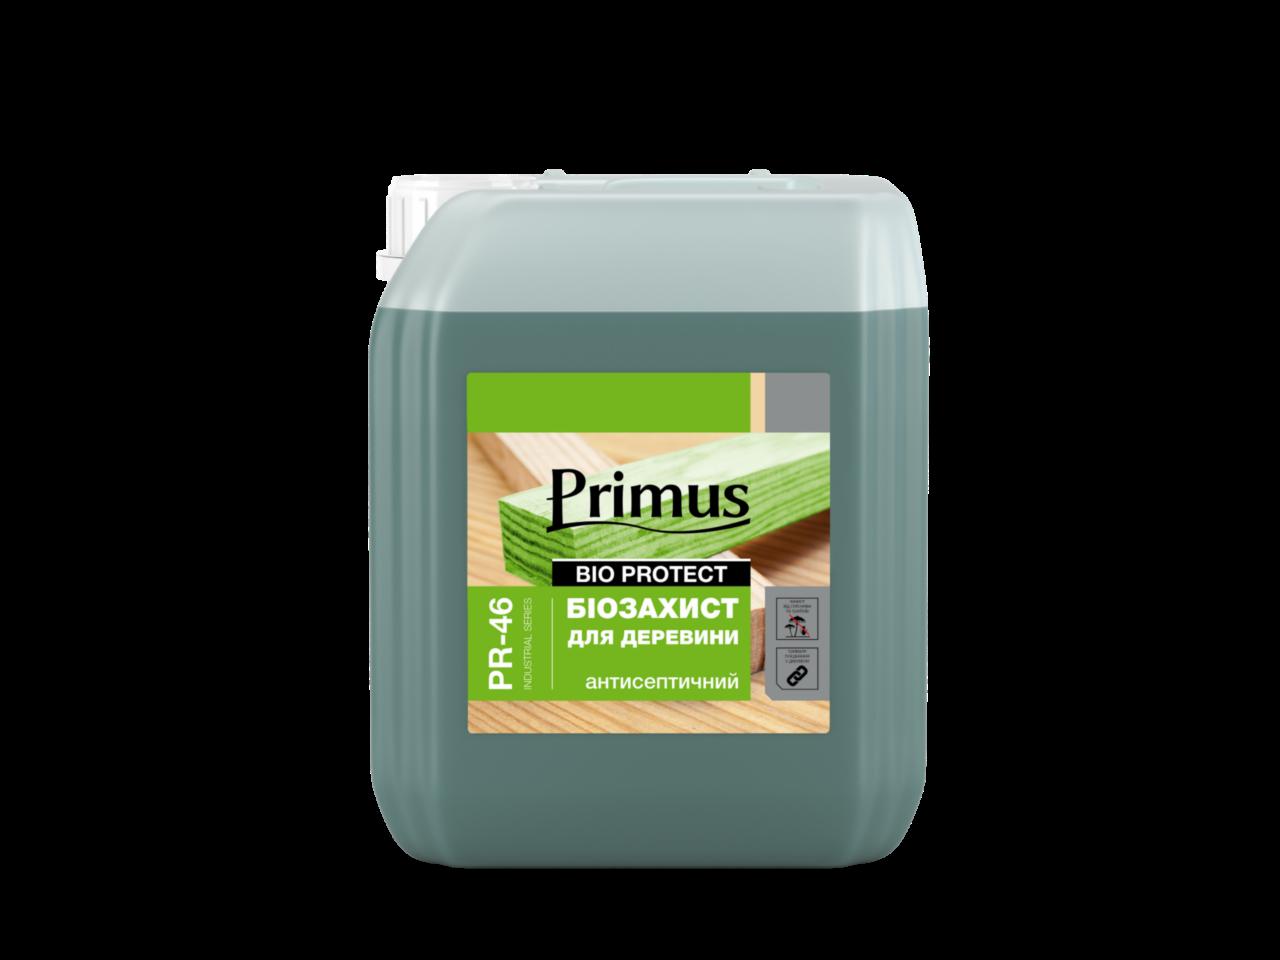 Біозахист для дерева 5л Primus